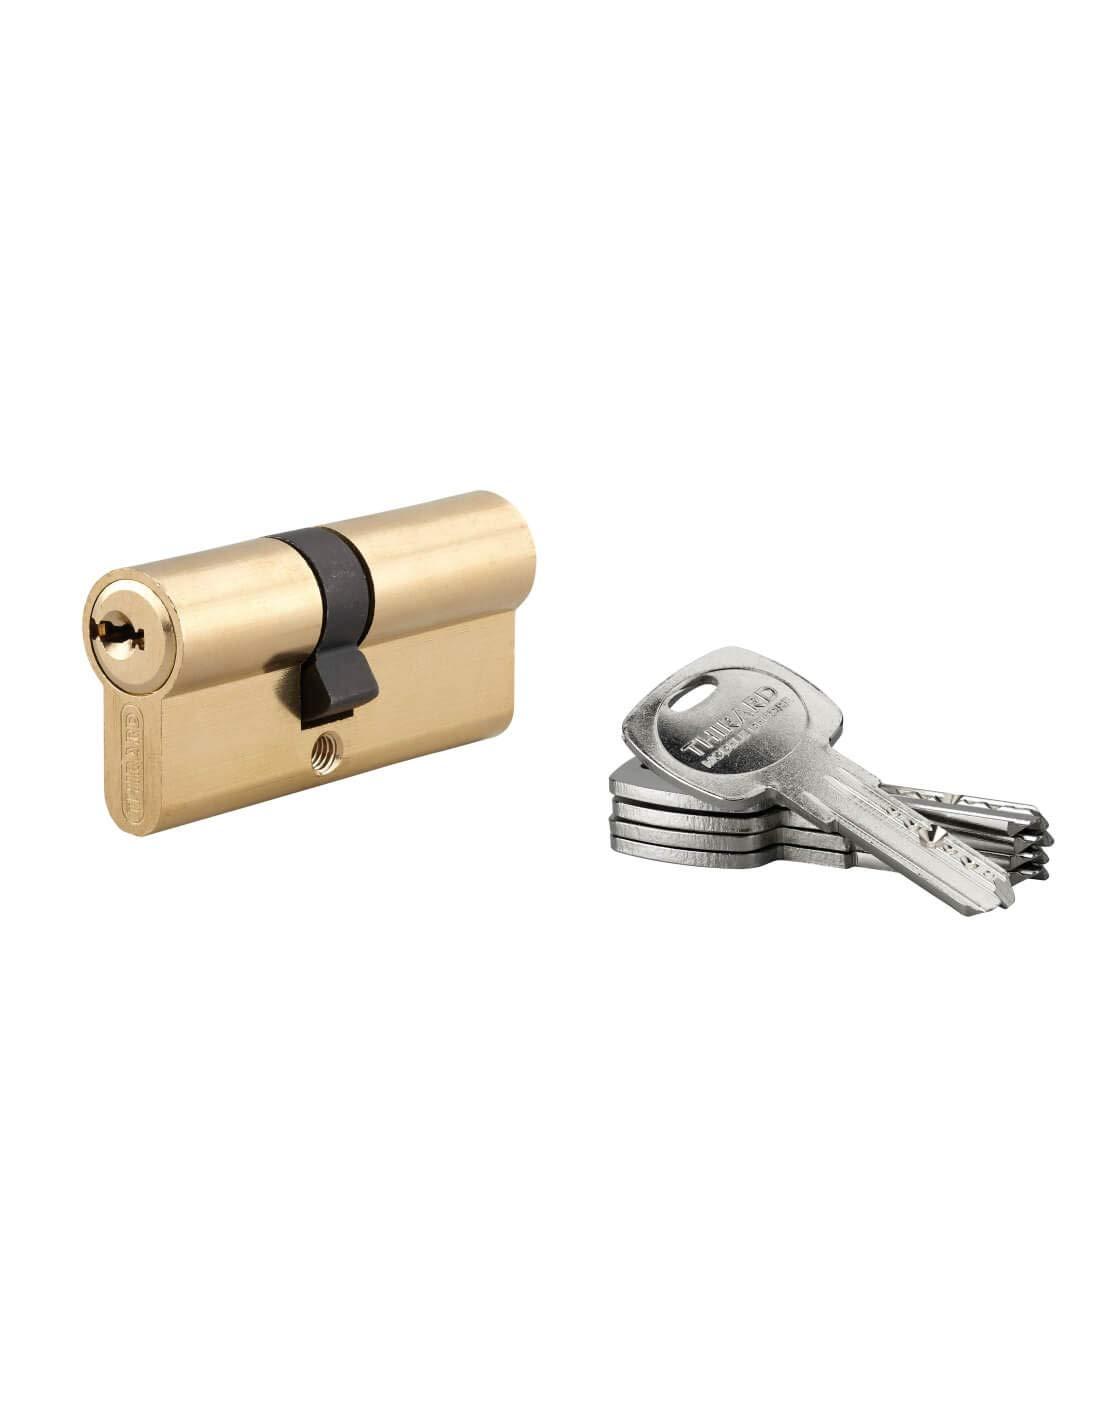 Cilindro de cerradura de cilindro Thirard Trafic 6 30 x 10 mm, 5 llaves planas reversibles